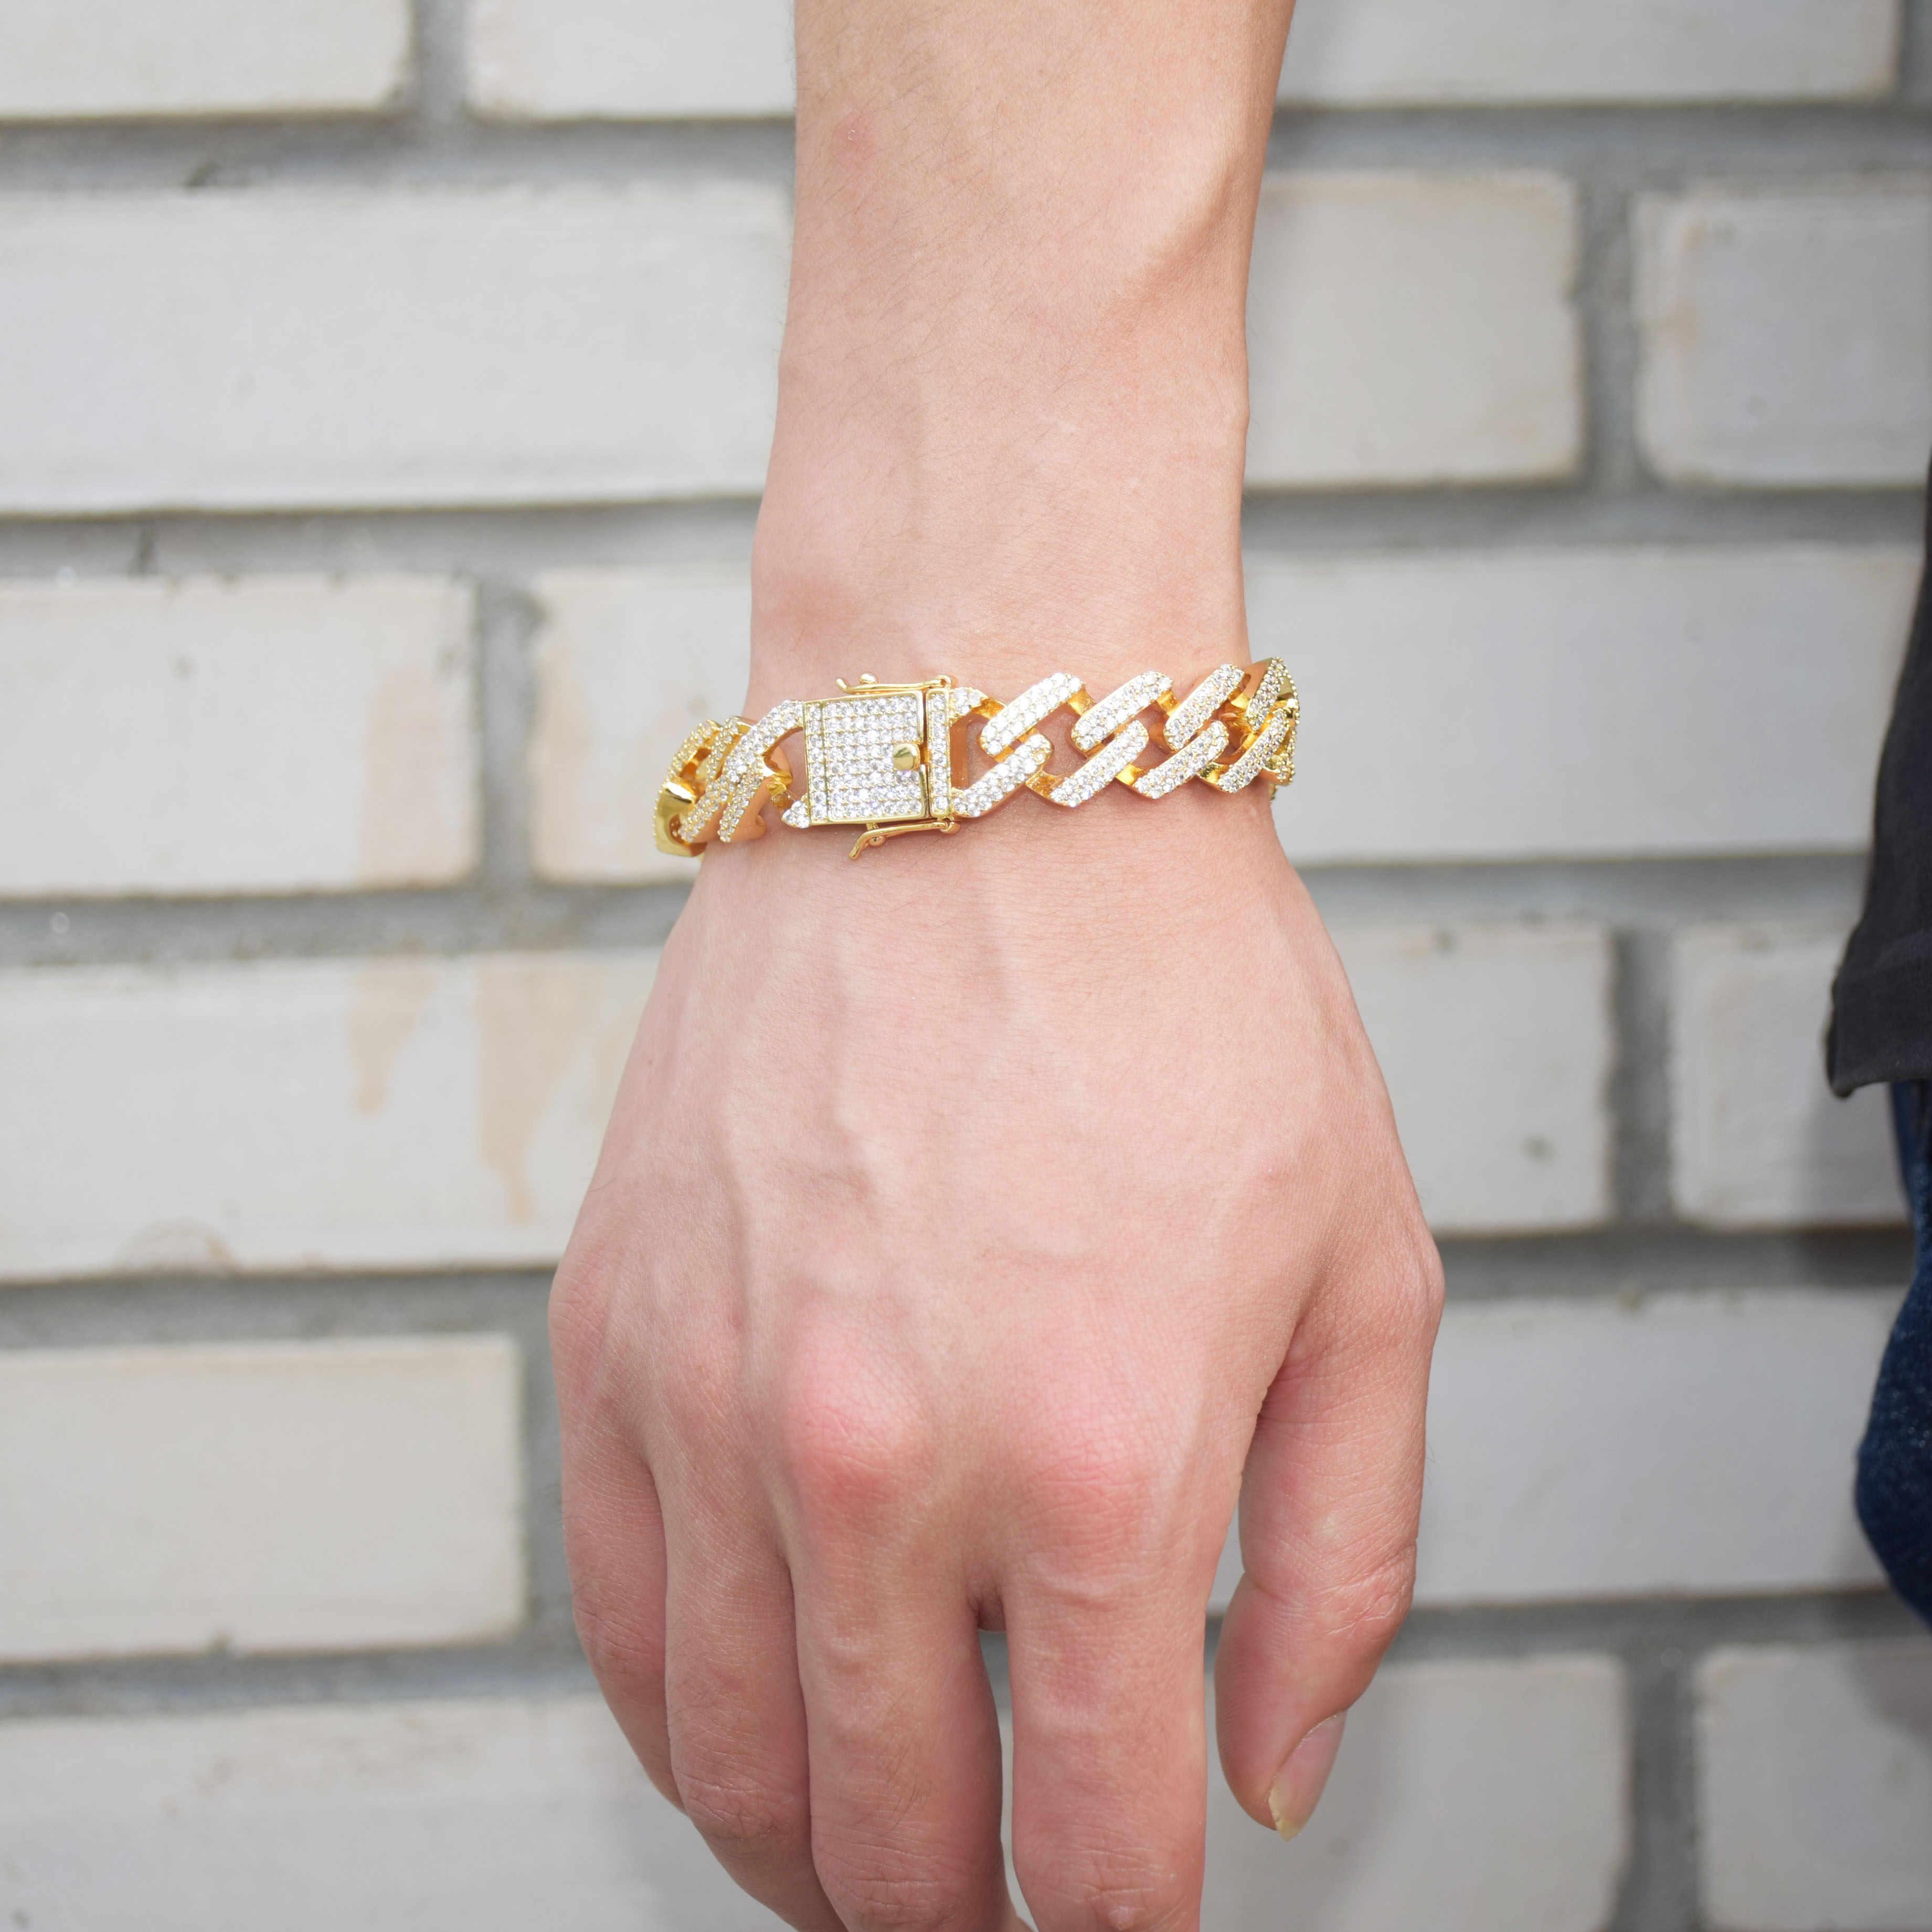 14 millimetri Piazza Miami Cuban Link Bracciale In Oro Color Argento Iced Out Cubic Zirconia Roccia Hip hop degli uomini di Stile gioielli